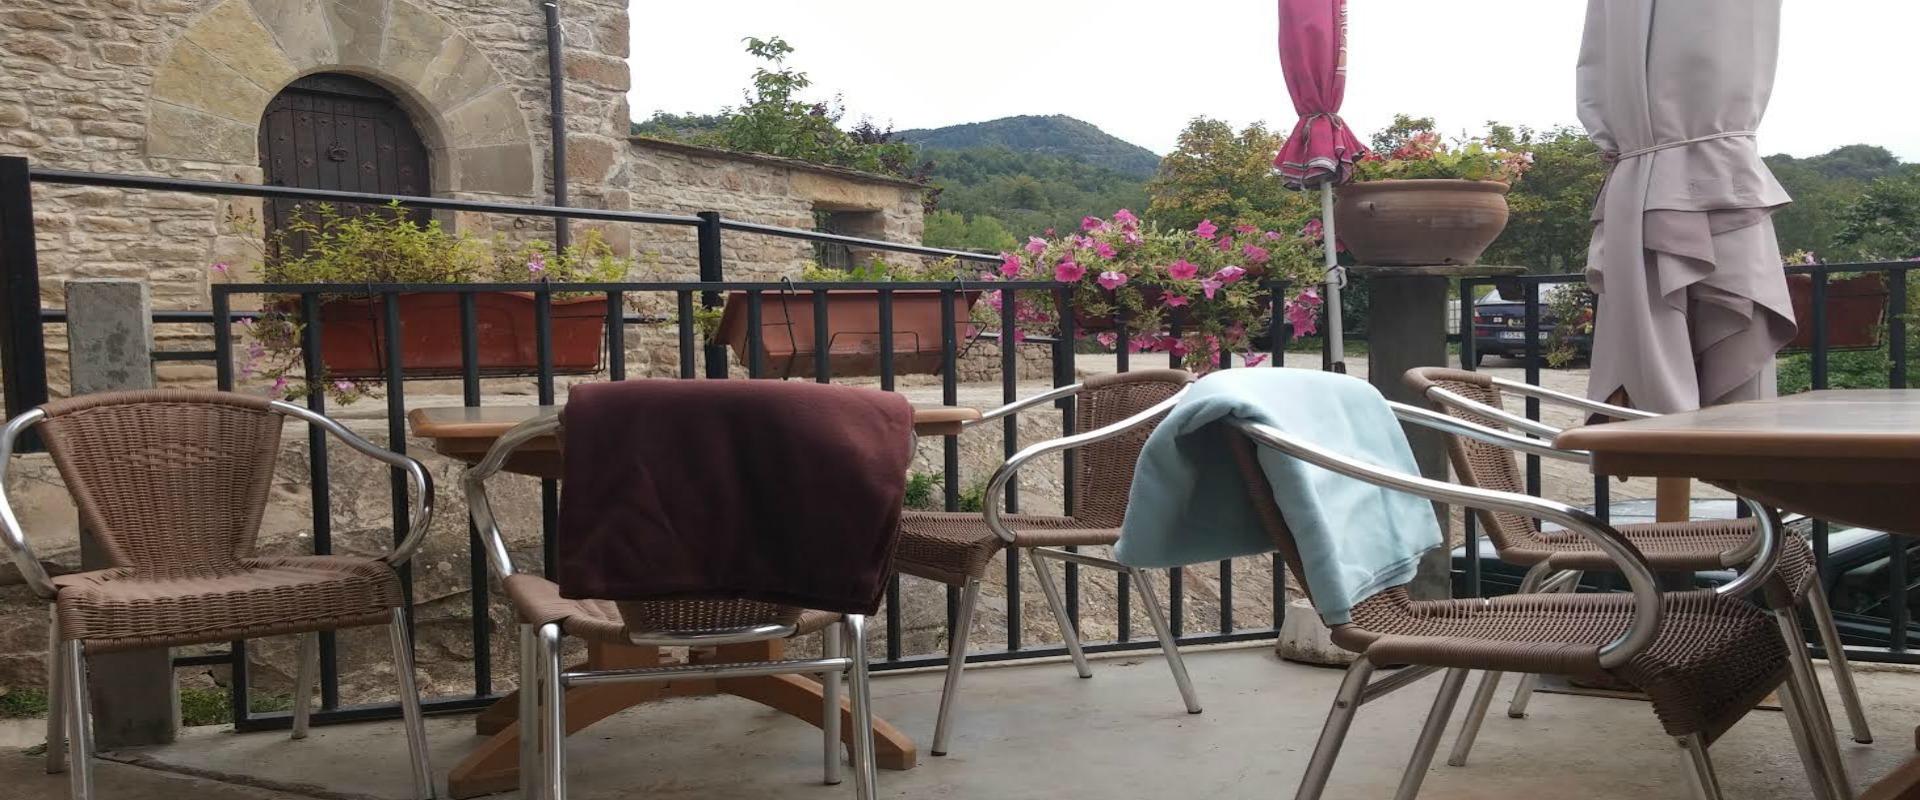 Sierra de guara nocito huesca for Restaurante casa america terraza